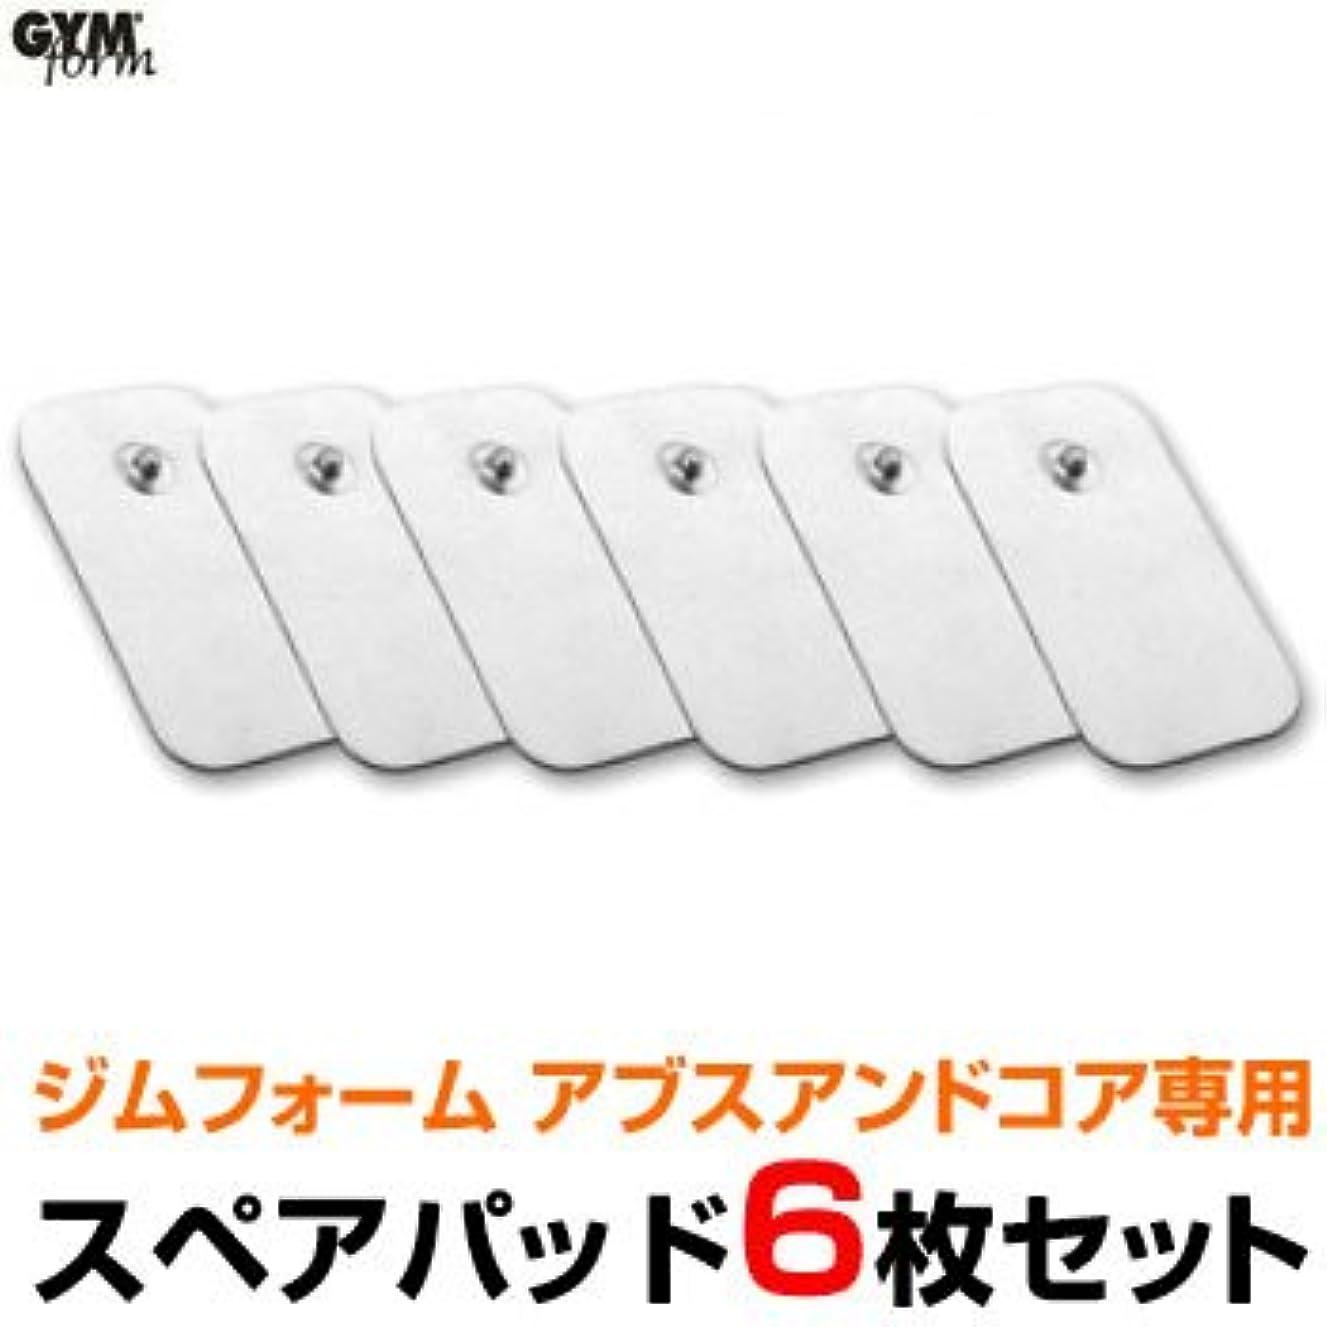 黒くするセラー黒くするジムフォーム アブス&コア専用スペアパッド(GYMform ABS&CORE)6枚セット